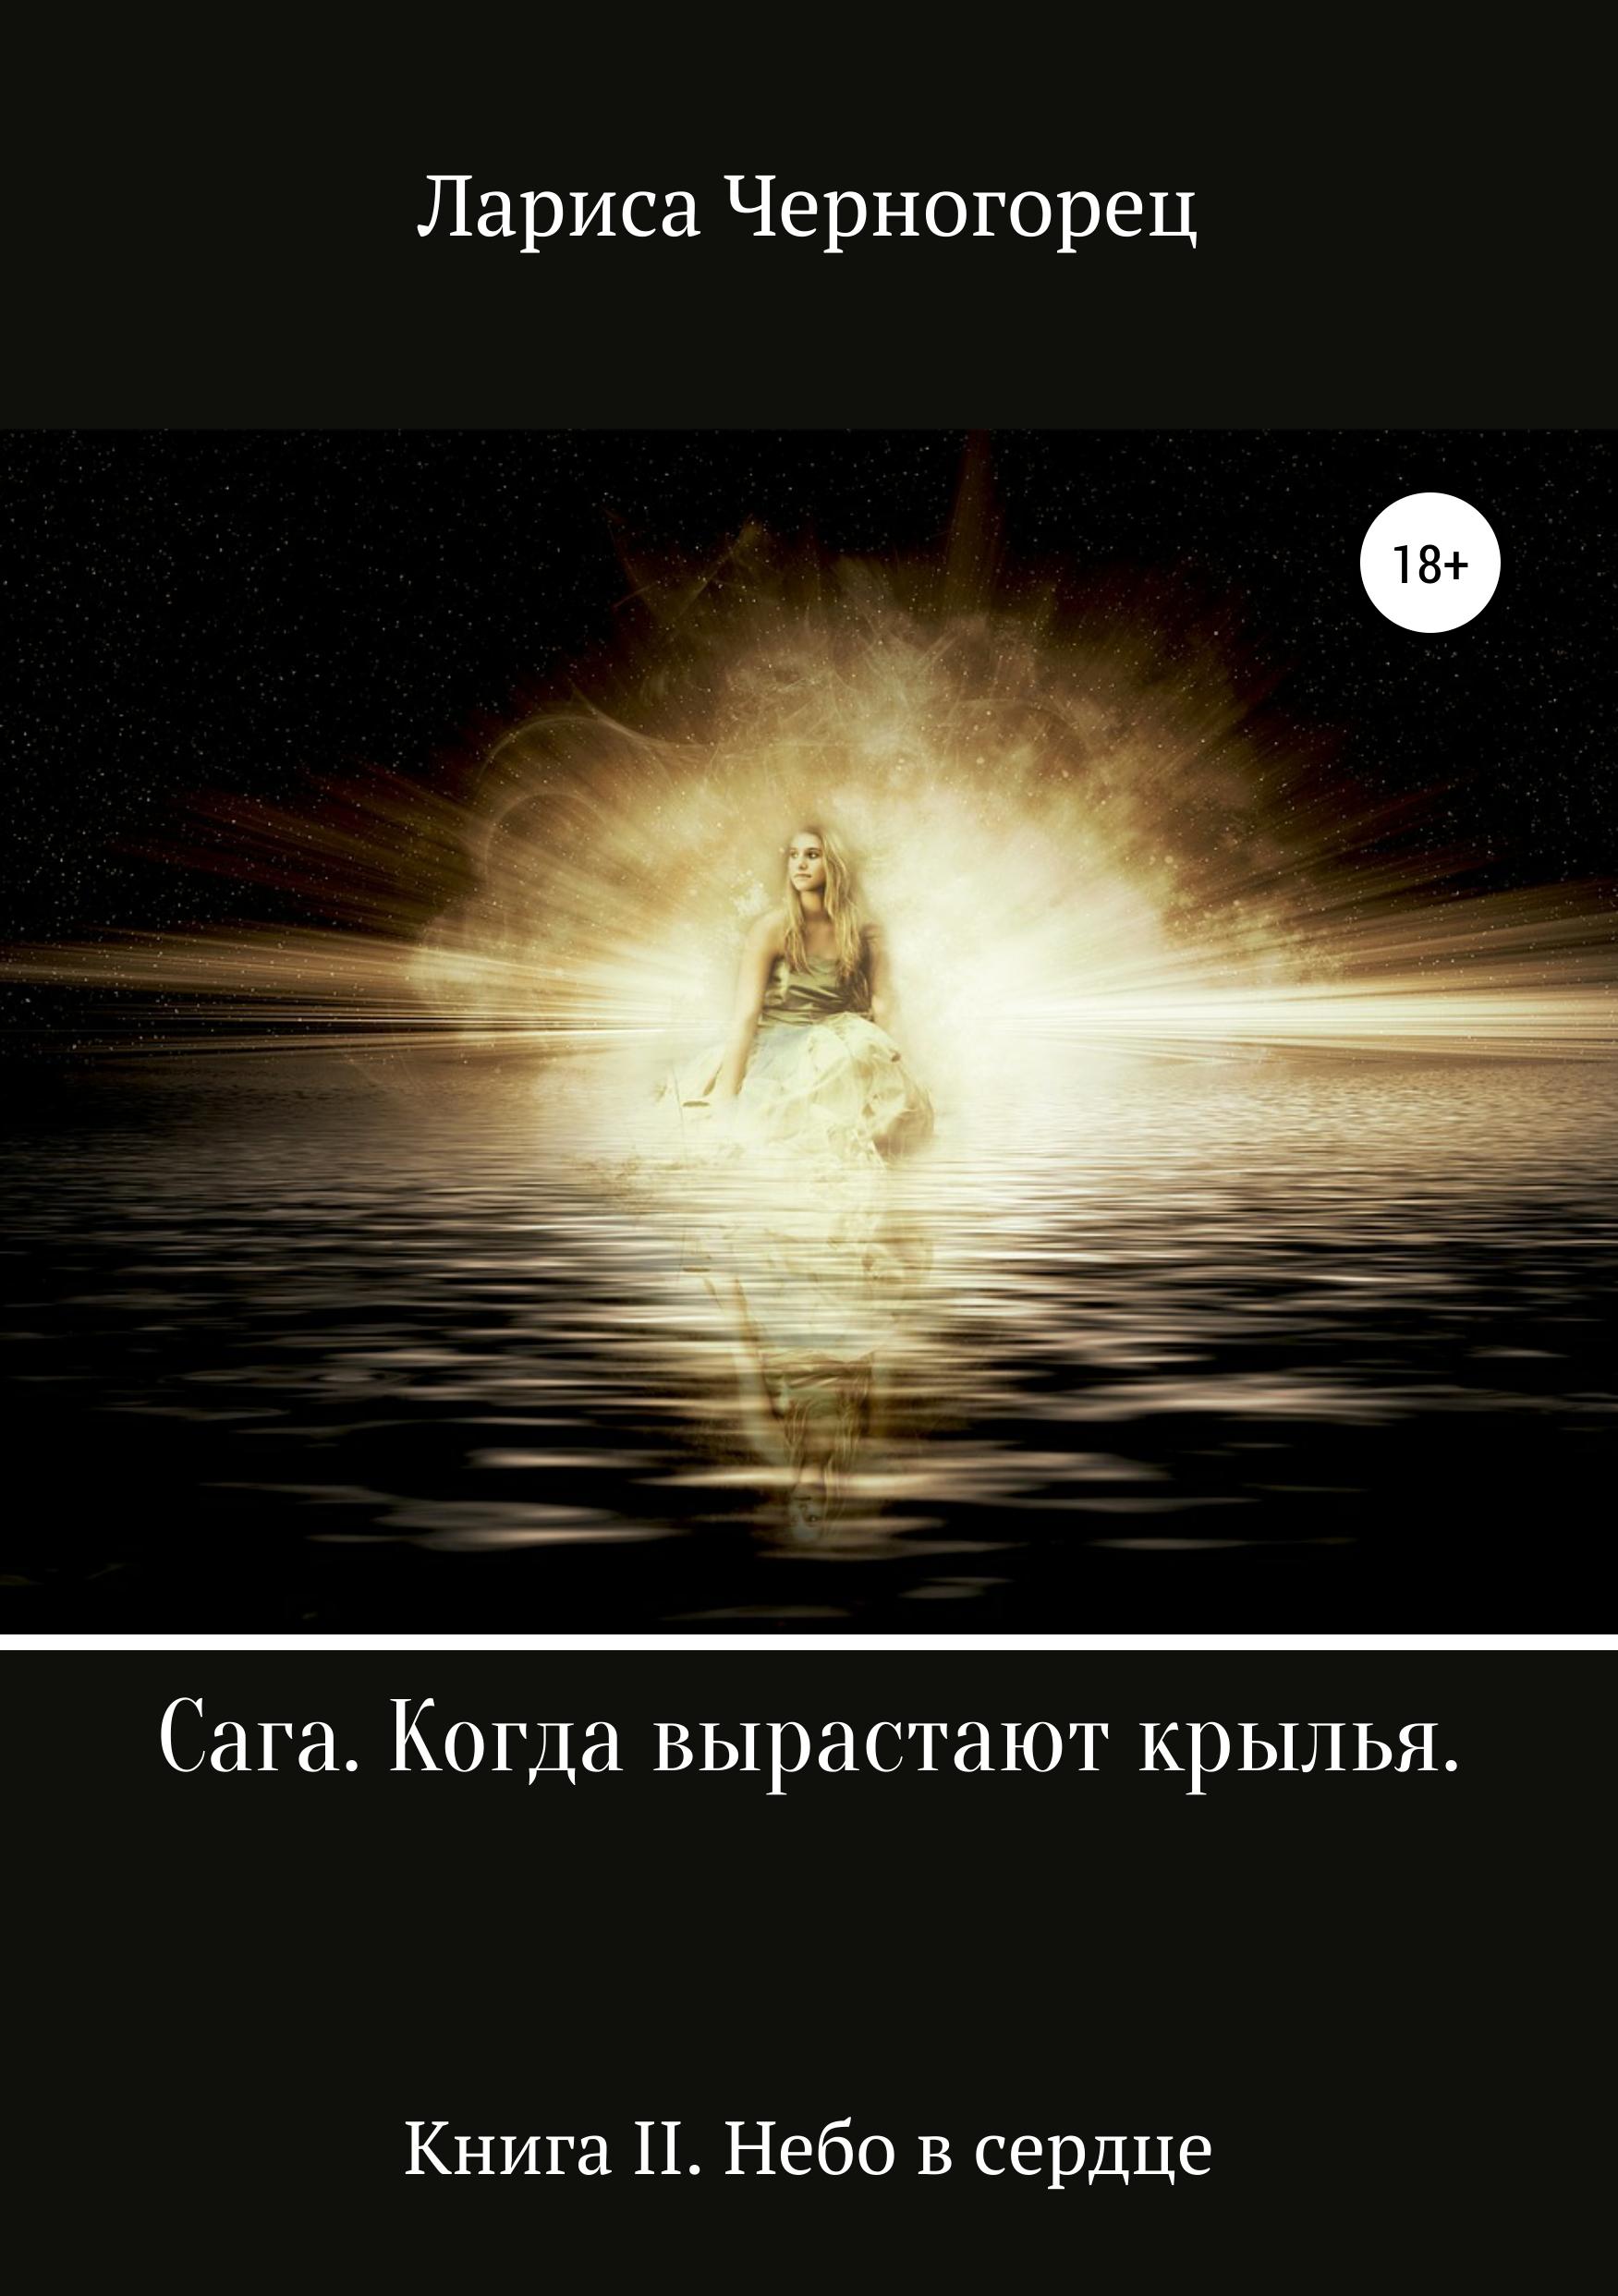 Сага «Когда вырастают крылья». Книга II. Небо в сердце